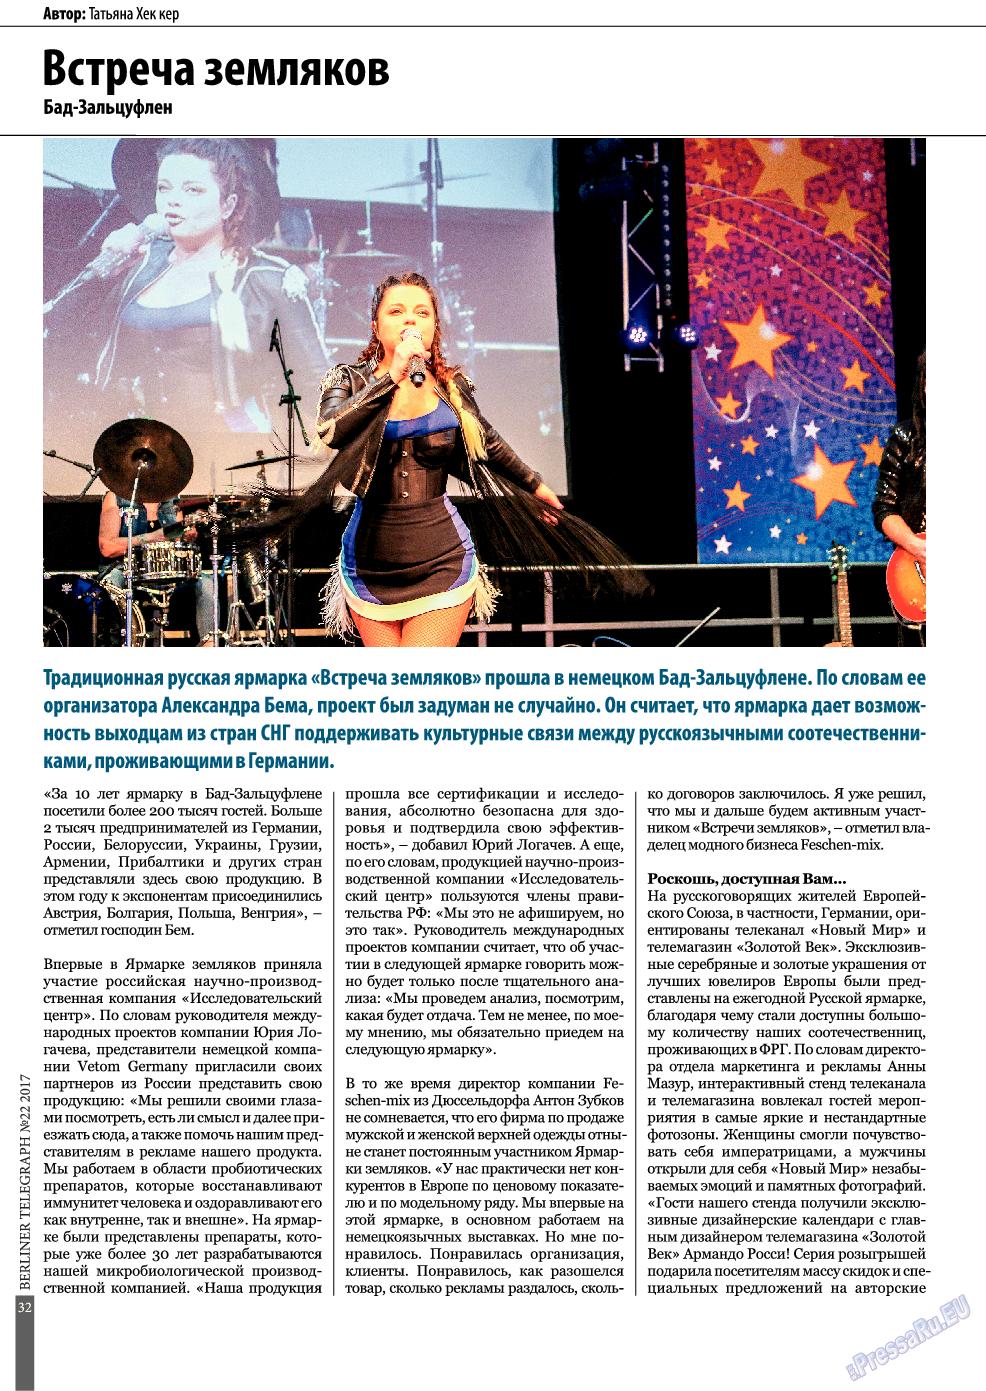 Берлинский телеграф (журнал). 2017 год, номер 22, стр. 32